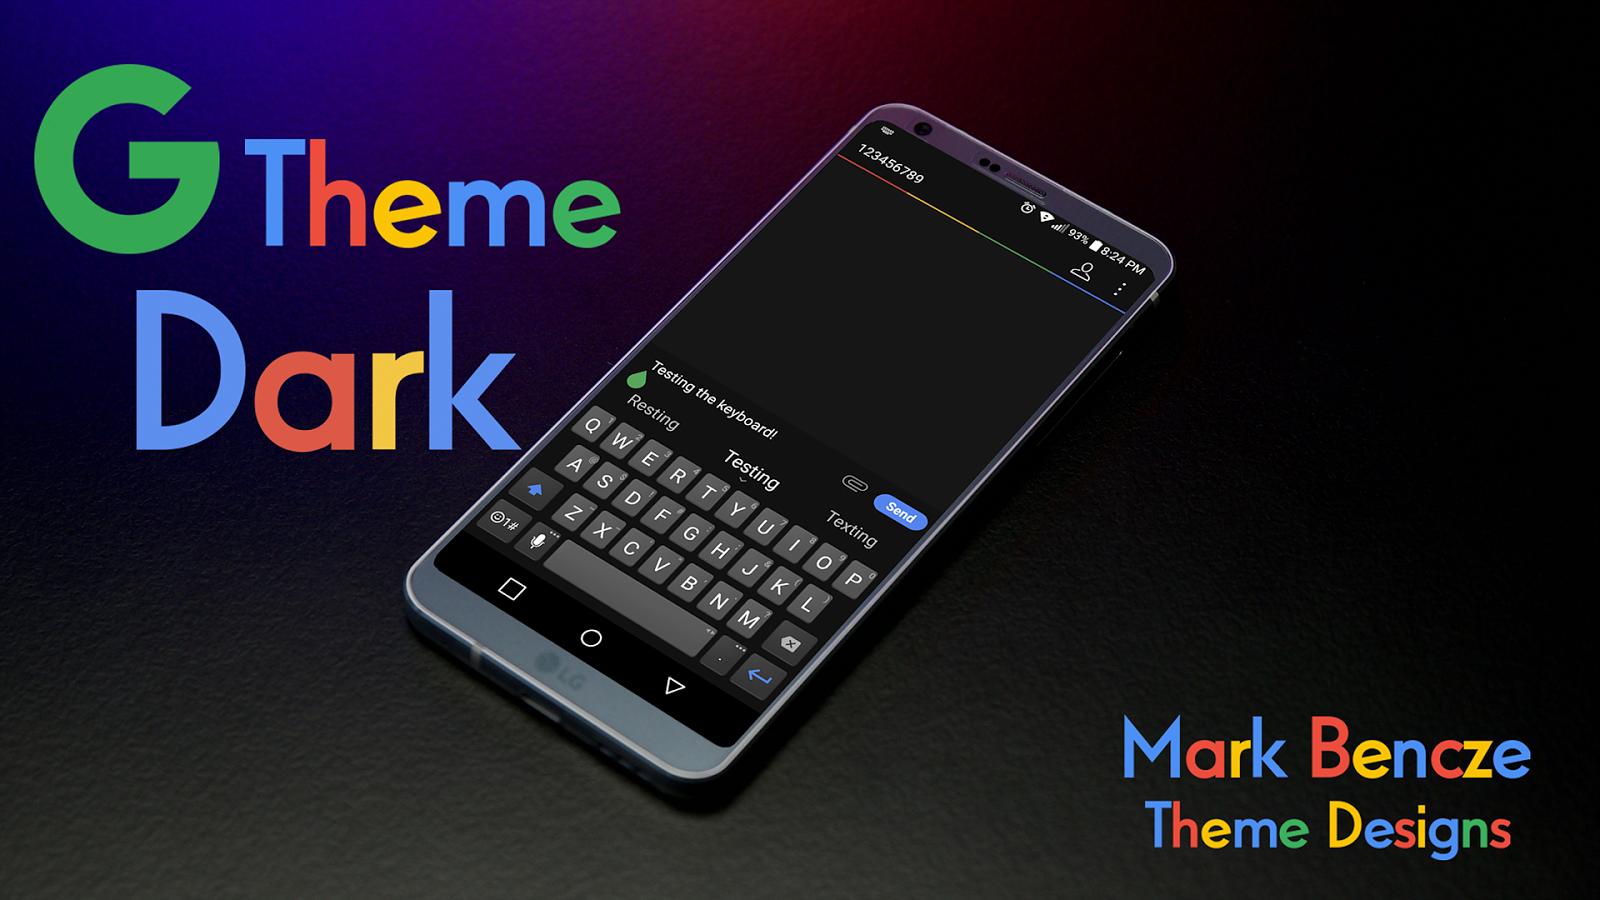 G Theme Dark für LG G6 android apps download